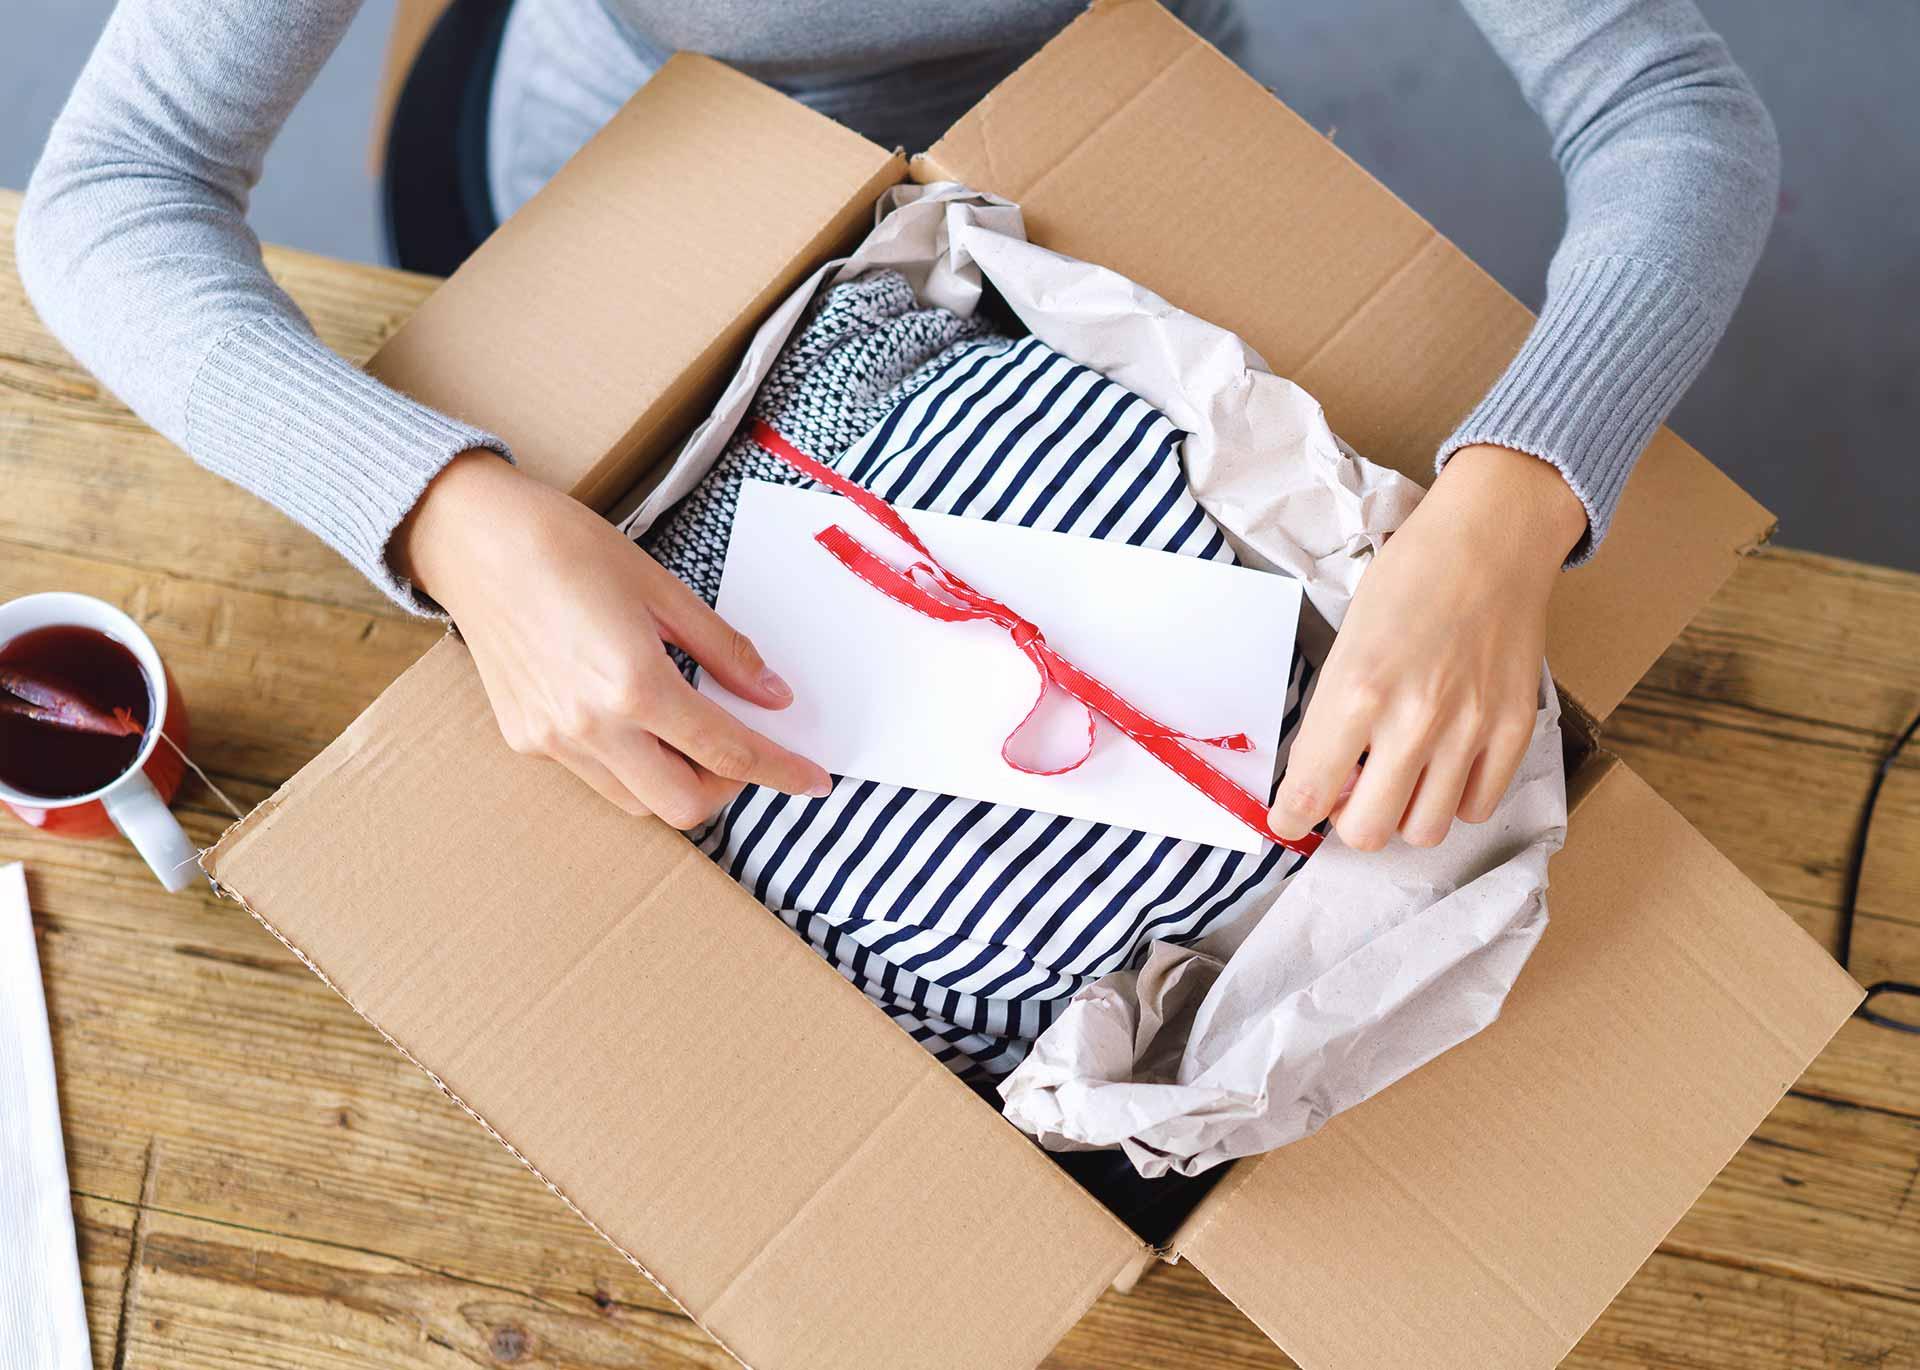 Jak Zwrocic Zakupy Online Do Sklepu Internetowego Blog Furgonetka Pl Informacje Ze Swiata Przesylek Logistyki I E Commerce